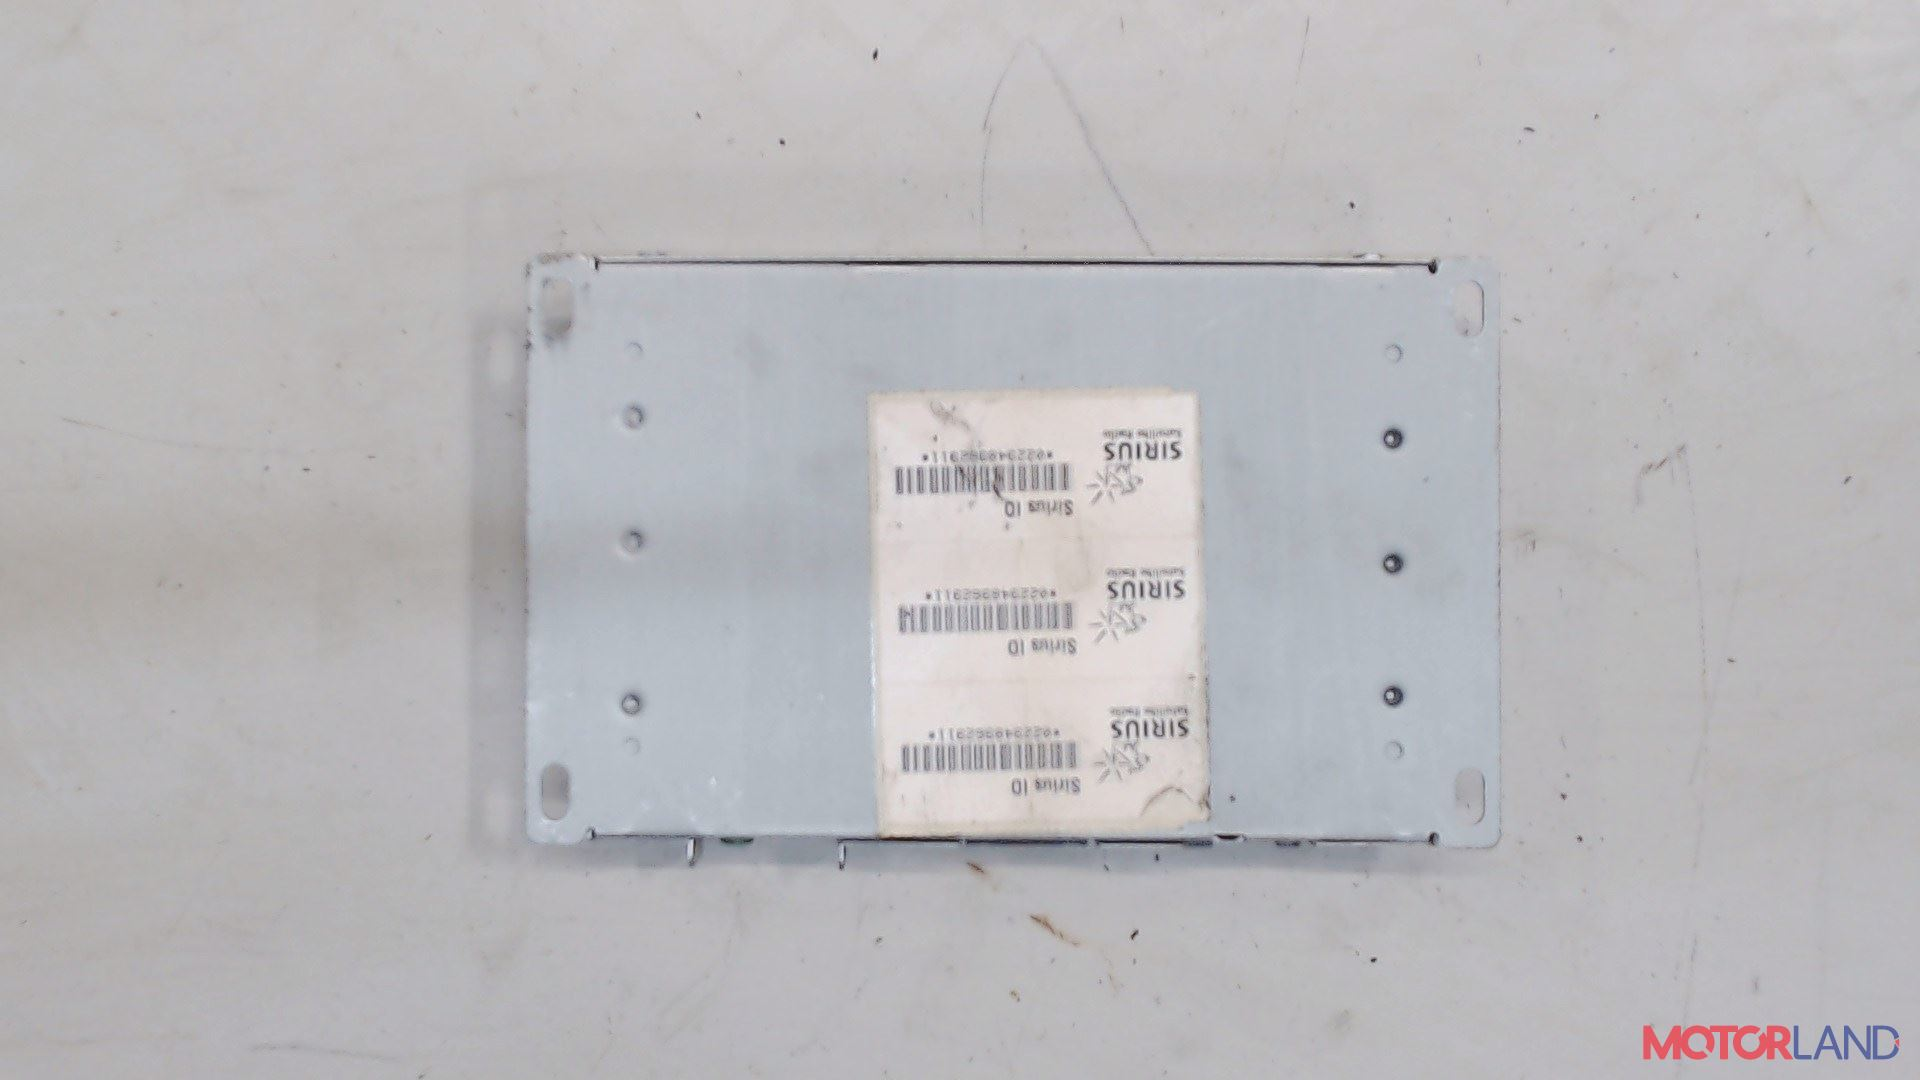 Блок управления (ЭБУ) Audi A6 (C6) 2005-2011 3.2 л. 2007 BKH б/у #2